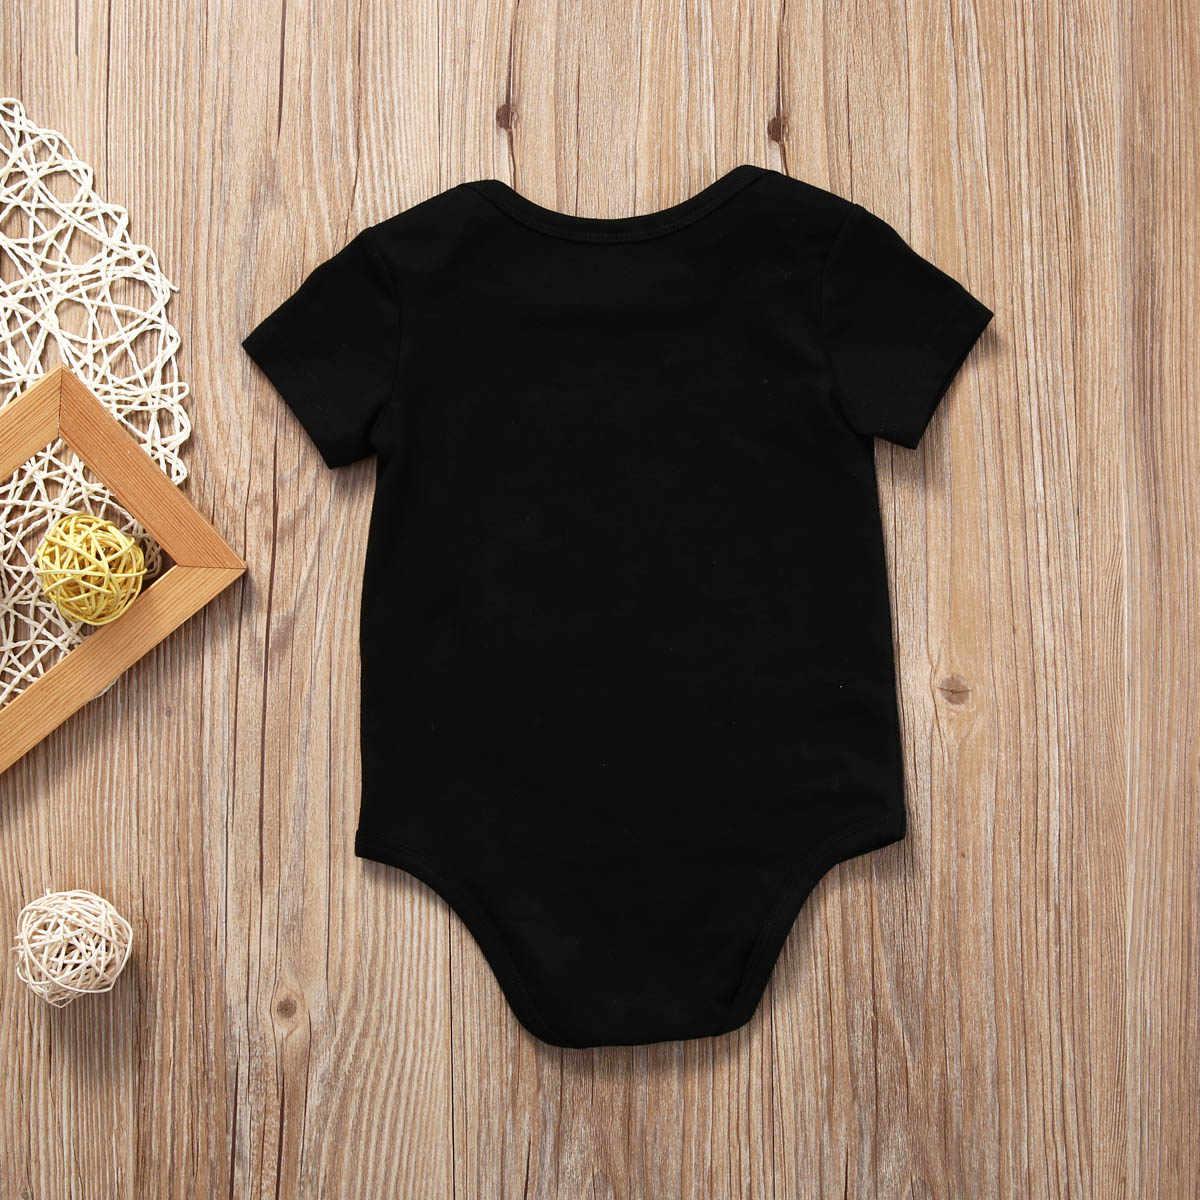 Комбинезон для новорожденных мальчиков и девочек, черный хлопковый комбинезон для малышей, детский пляжный костюм, Детский комбинезон для мальчиков и девочек 0-18 месяцев